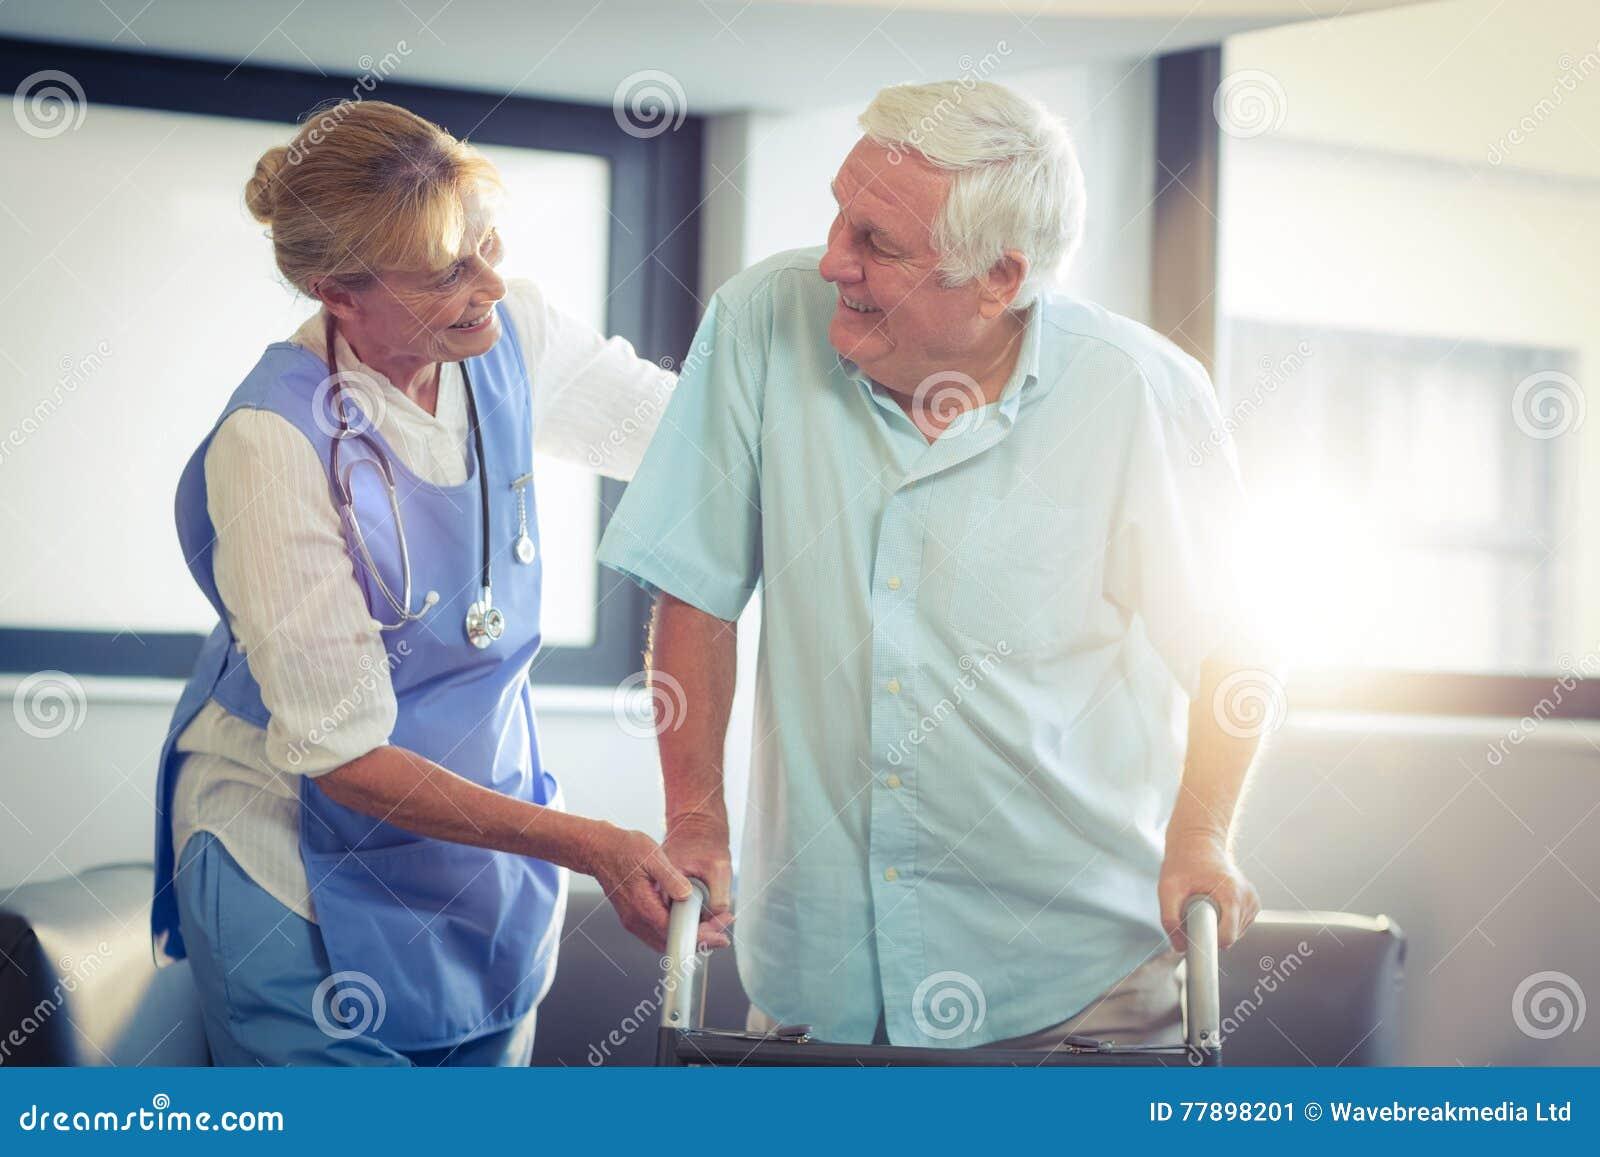 Medico femminile che aiuta uomo senior a camminare con il camminatore